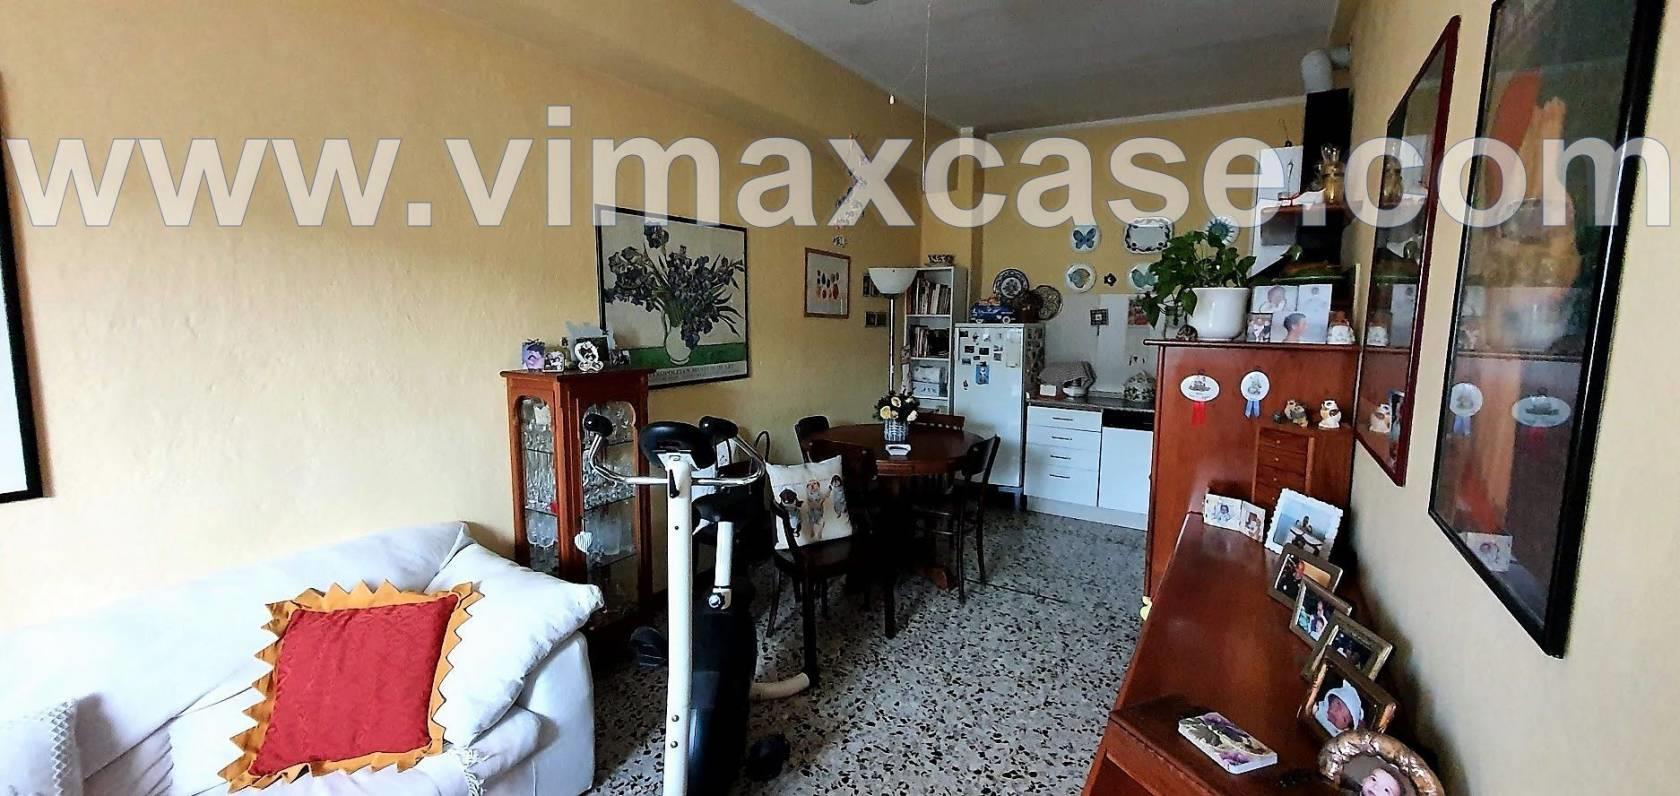 Foto 10 - Appartamento in Vendita - Brugherio (Monza e Brianza)